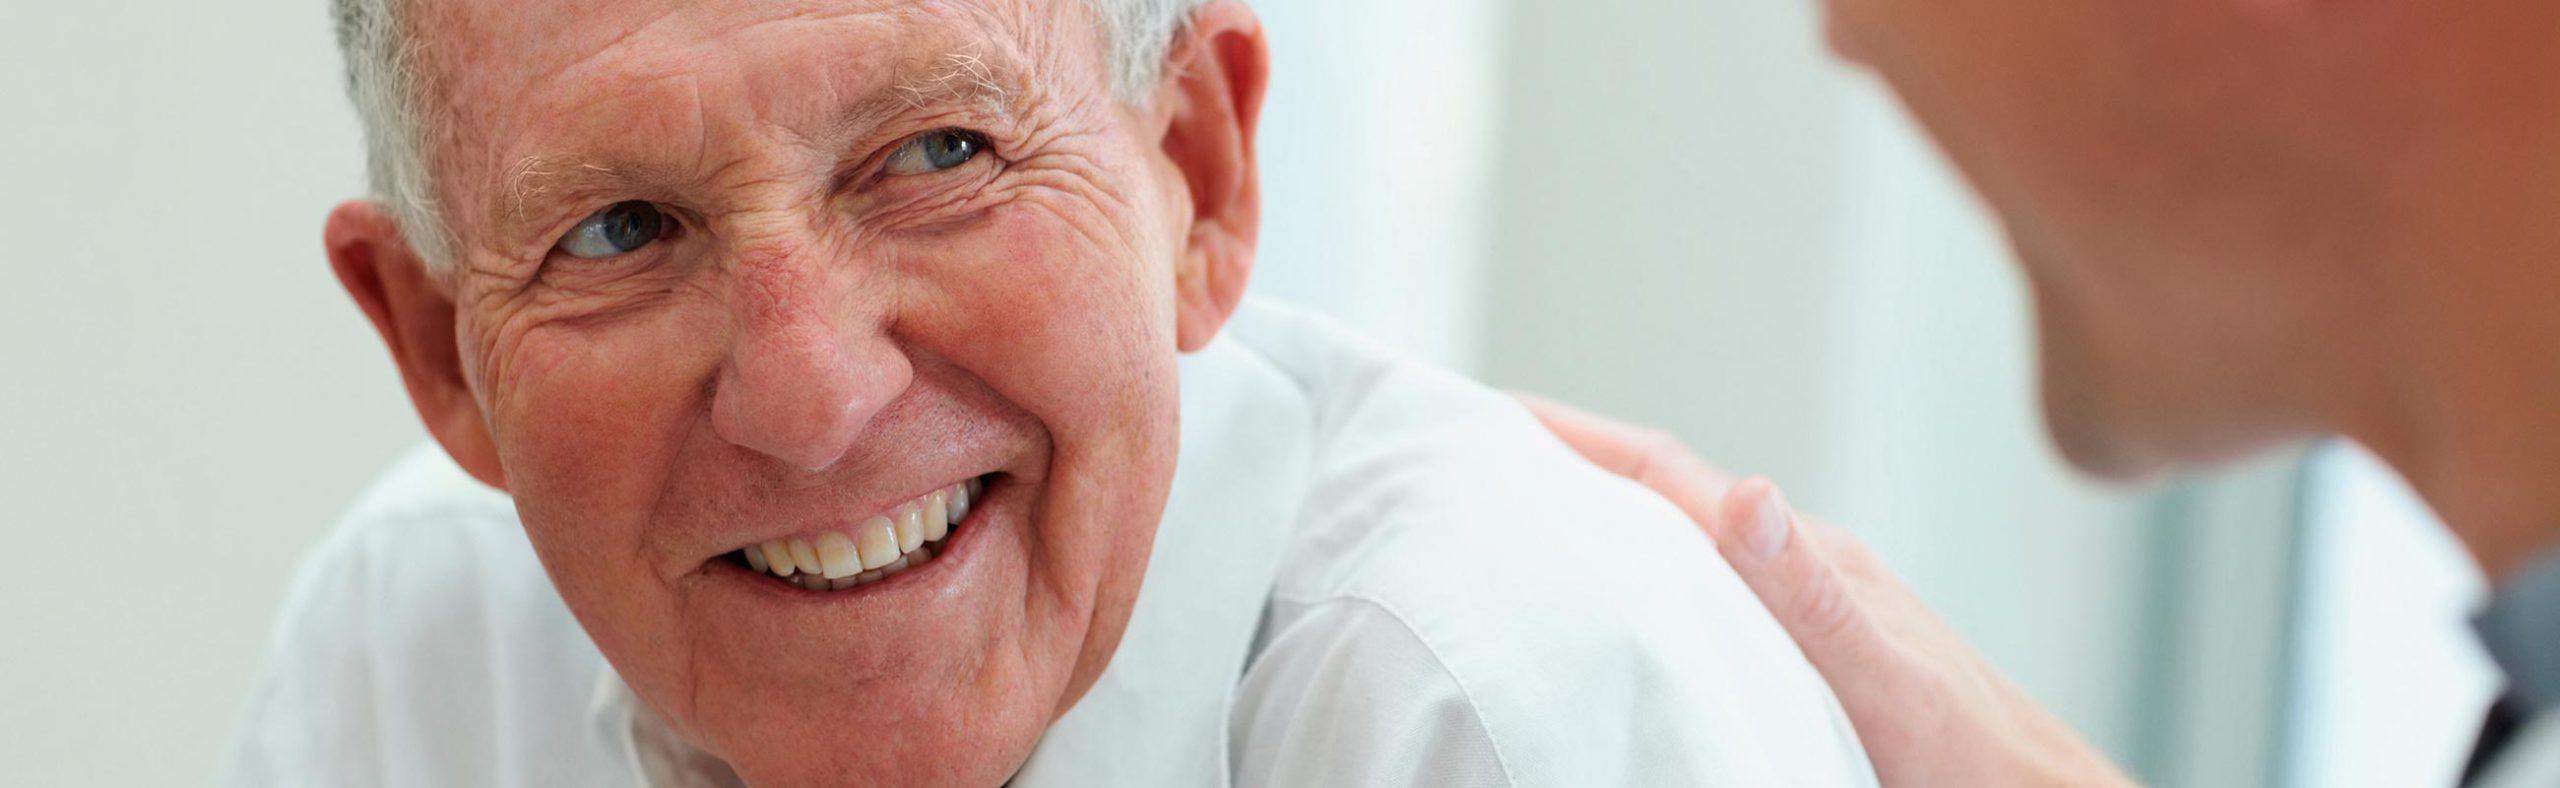 Älterer Mann lacht mit schönem Zahnersatz dank seines Zahnarztes in Bautzen.